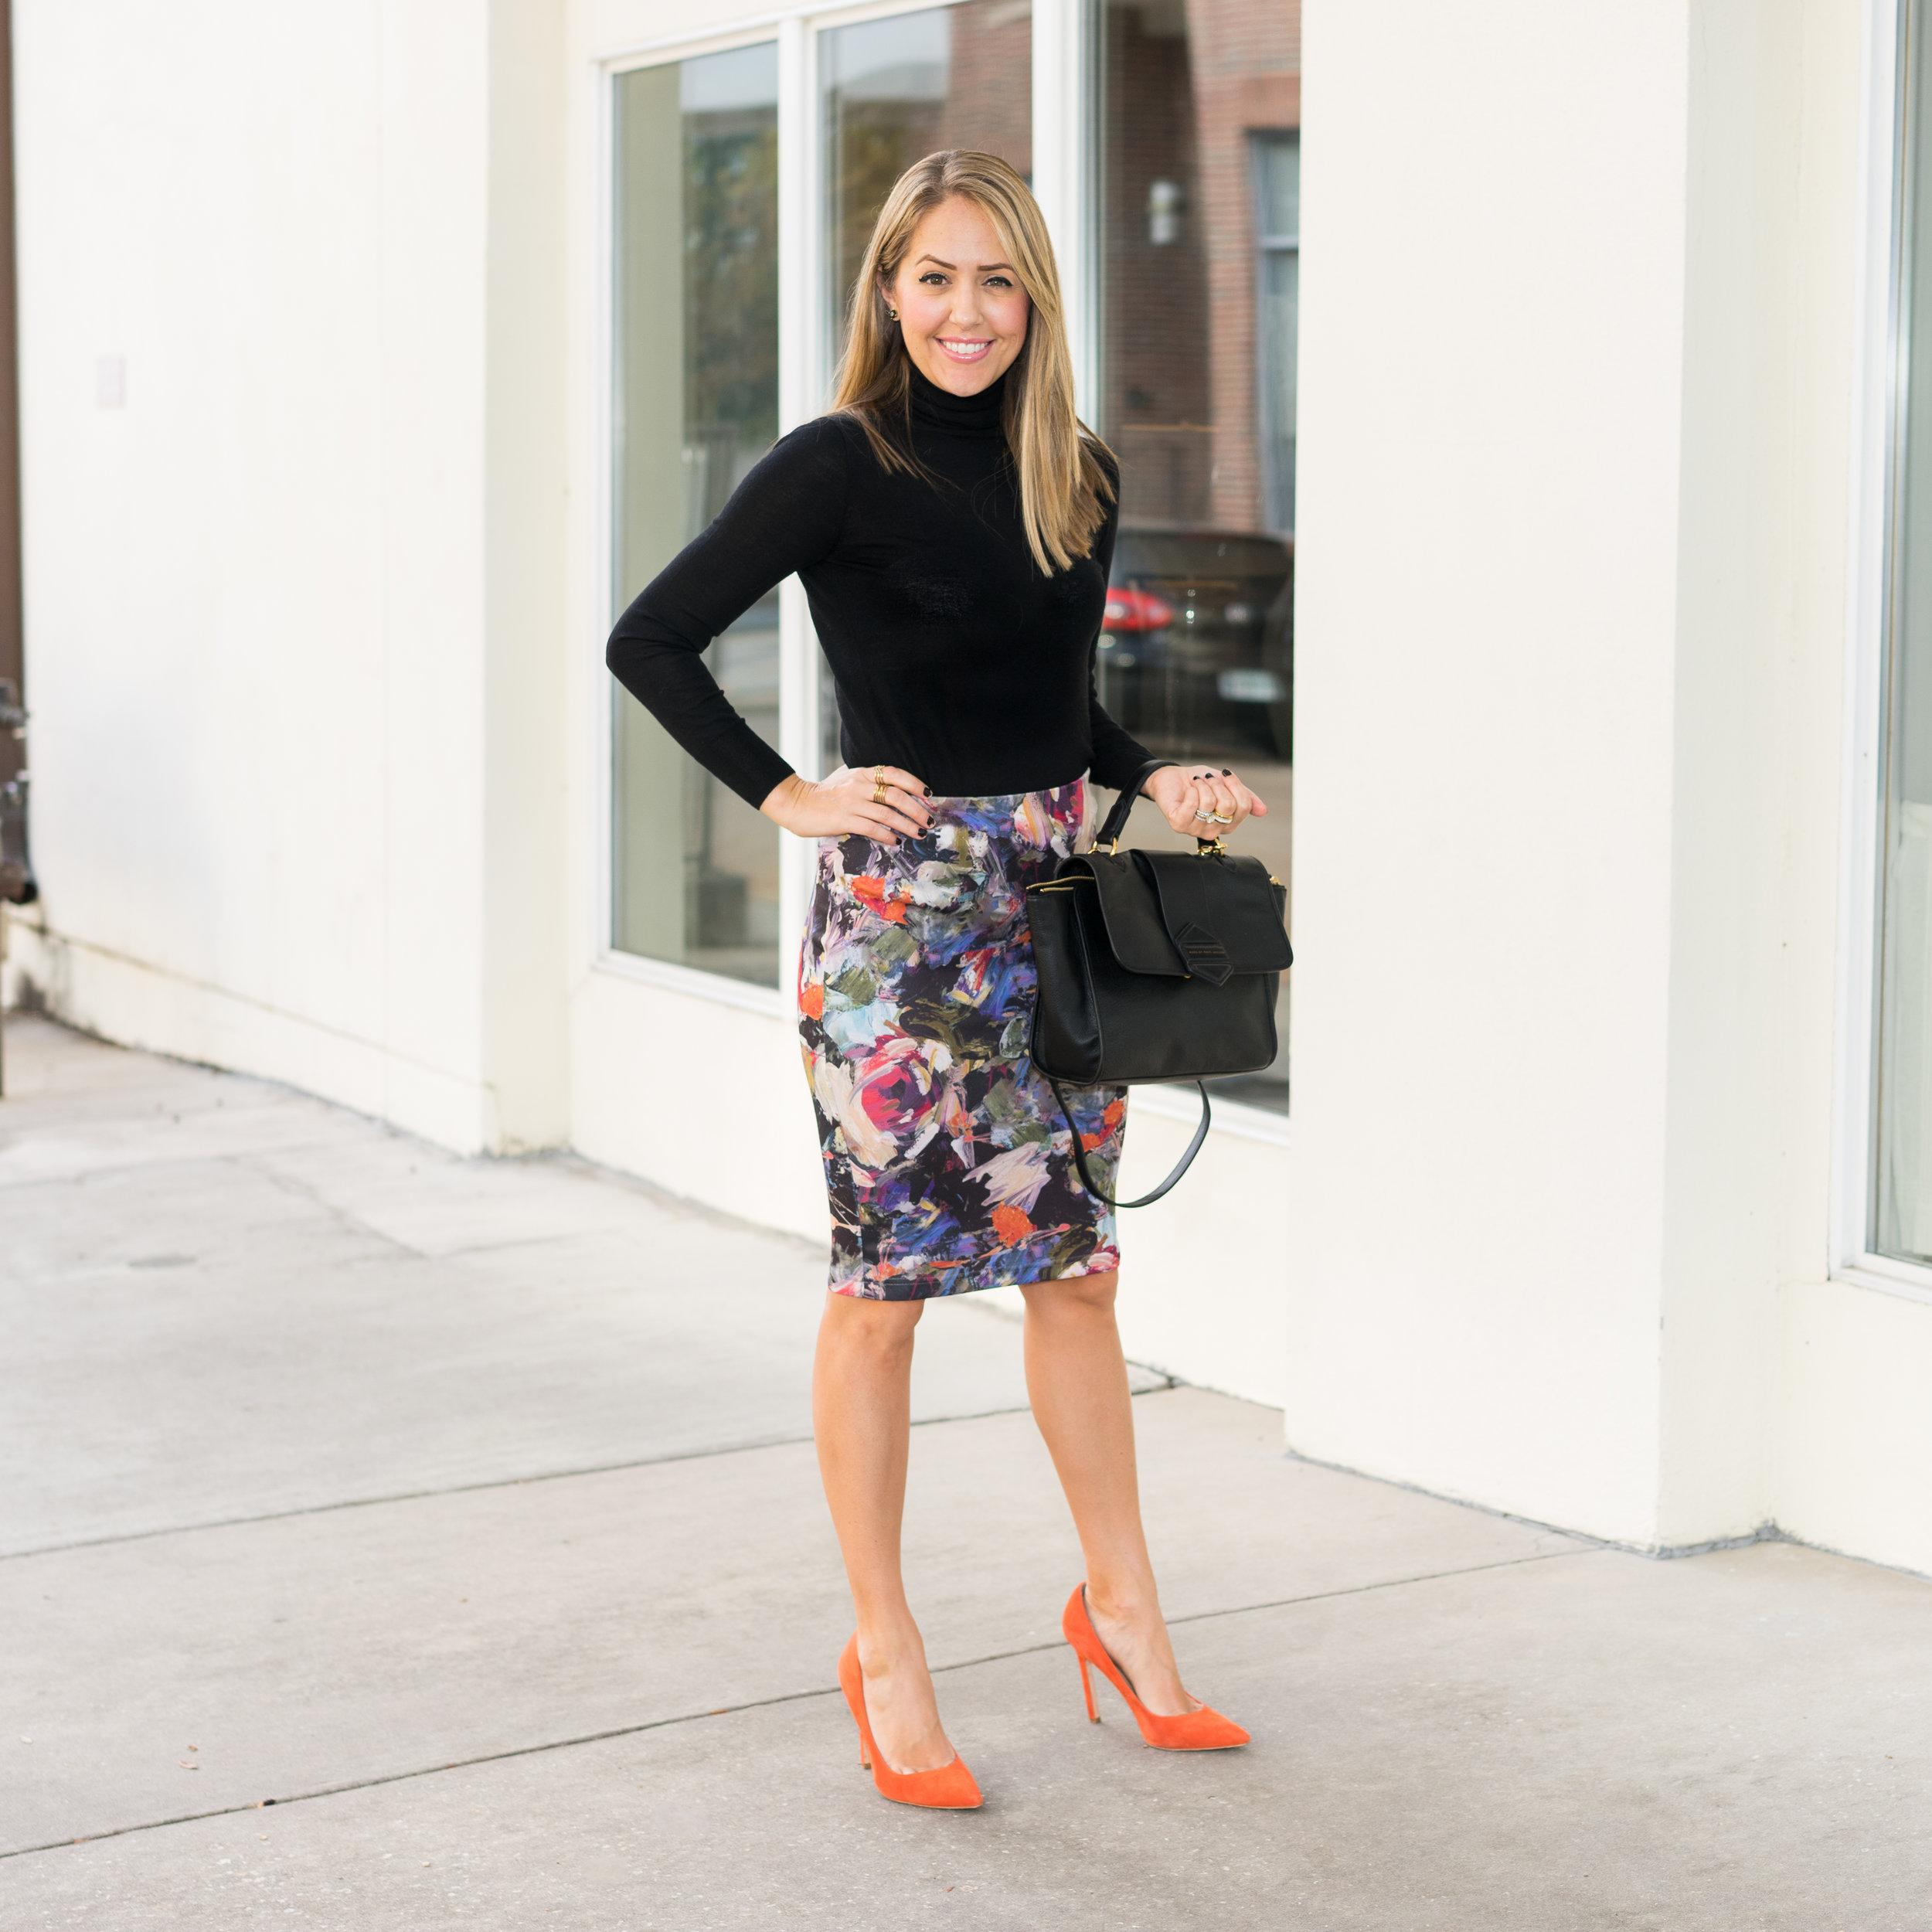 Black turtleneck, floral pencil skirt, orange pumps